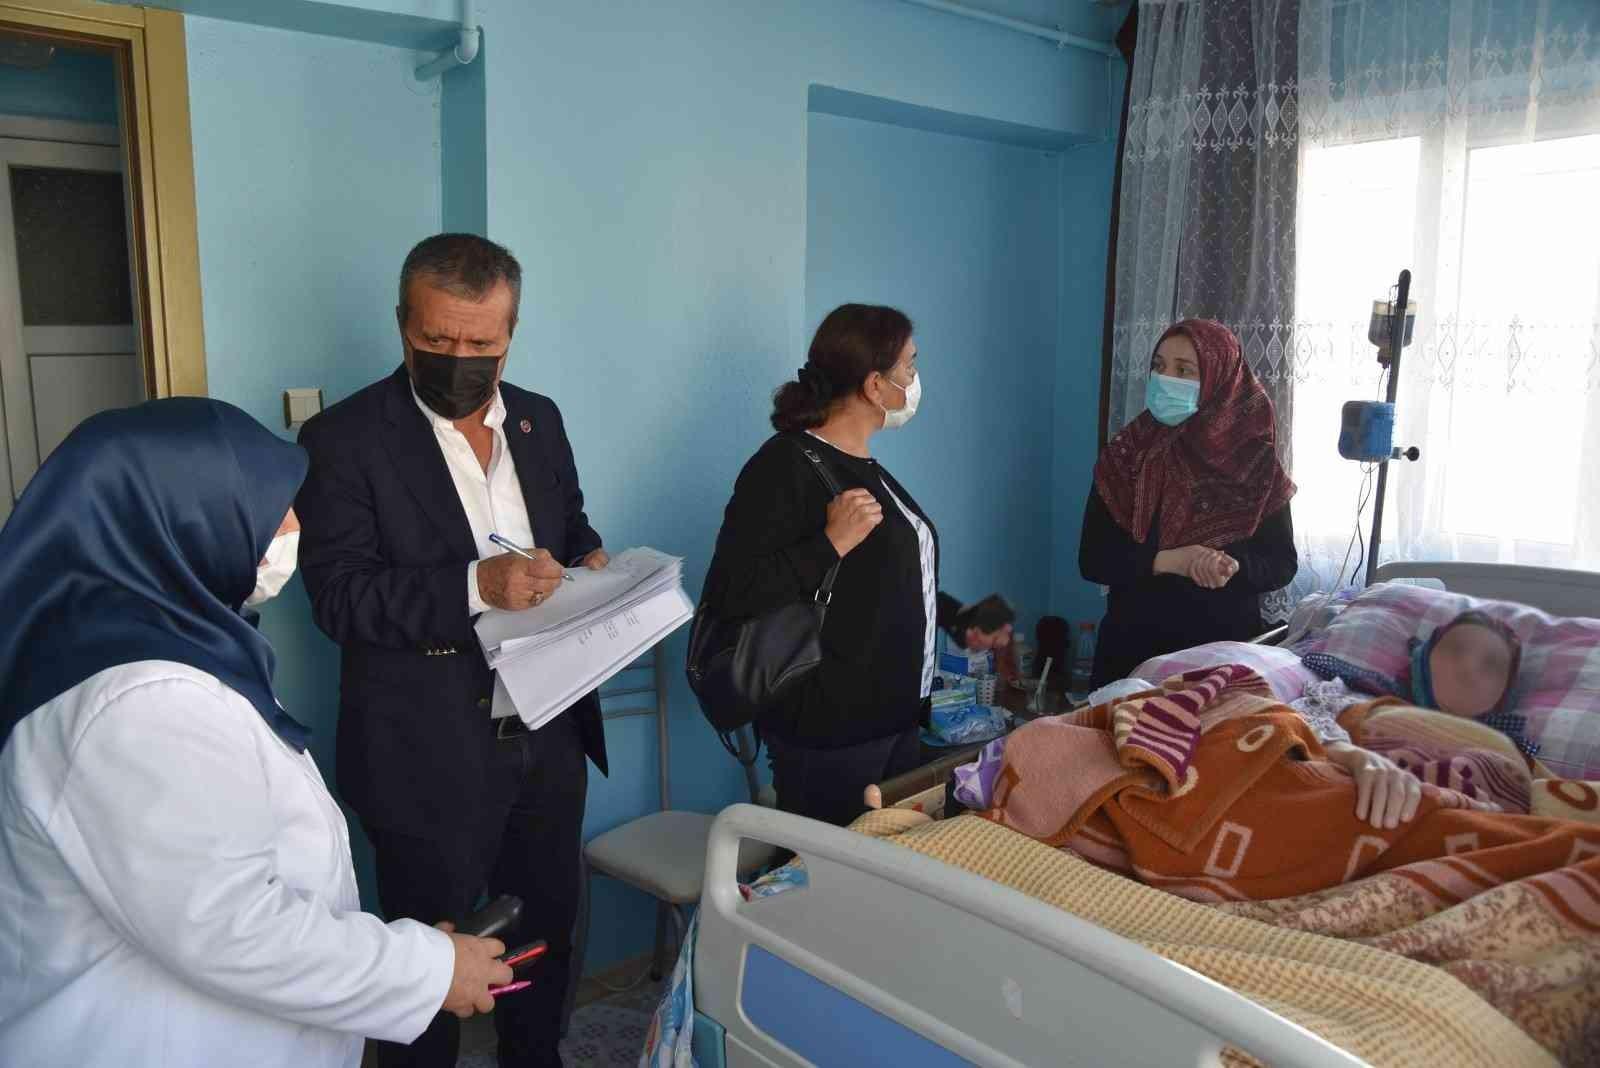 Yunusemre Belediyesinden 3 aileye hasta yatağı desteği